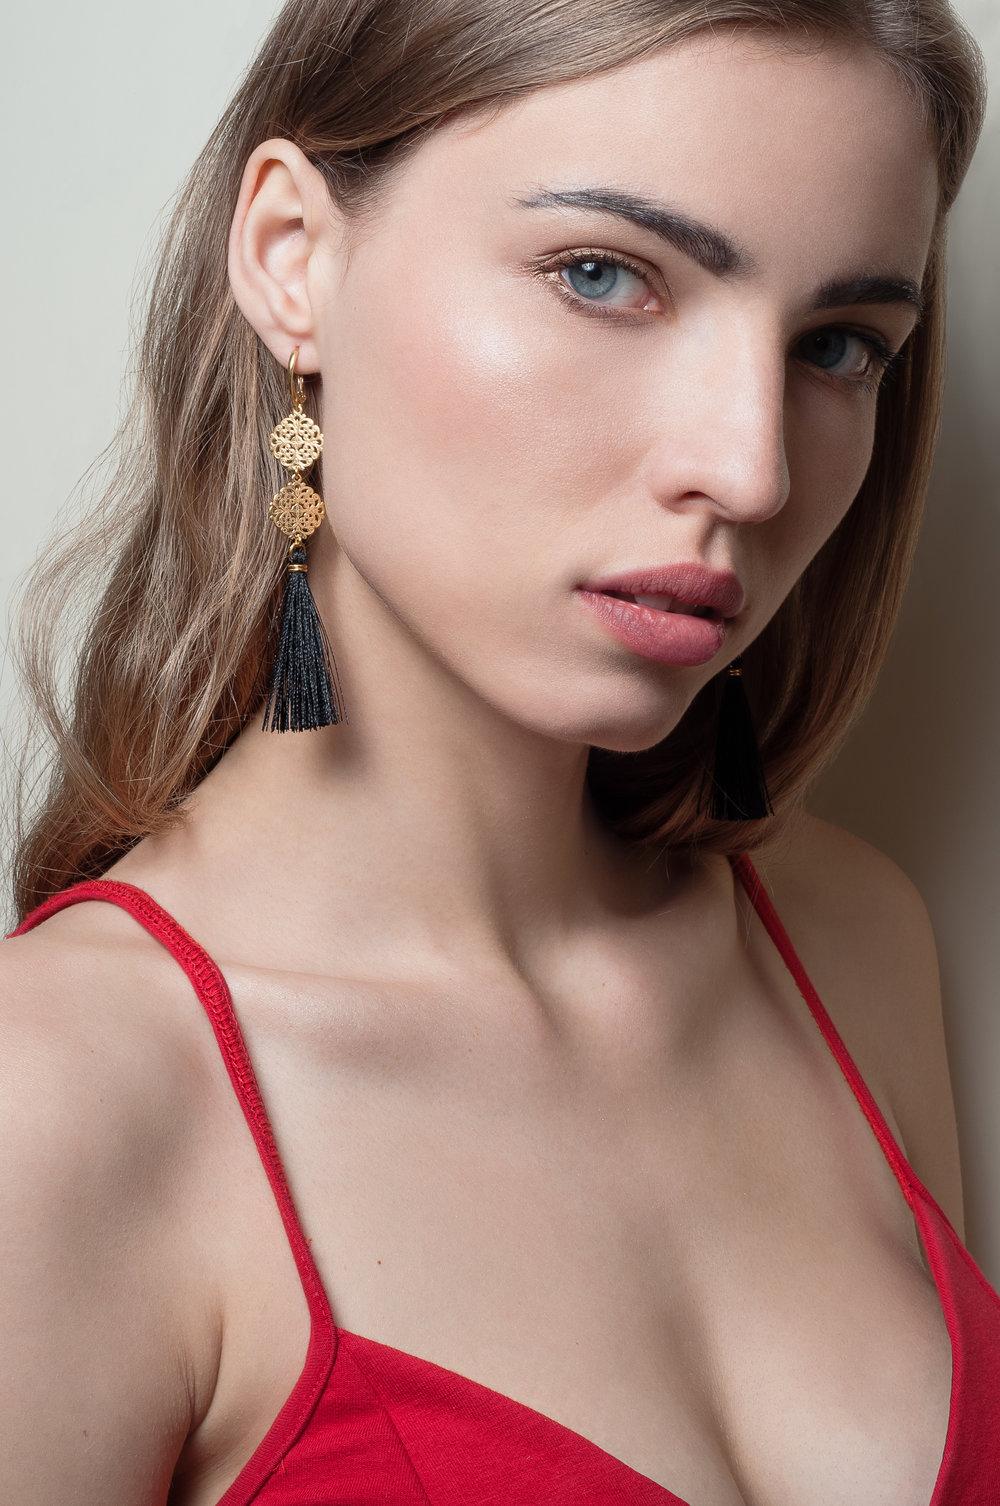 lookbook for Coccola   model: Dominika Tarnicka